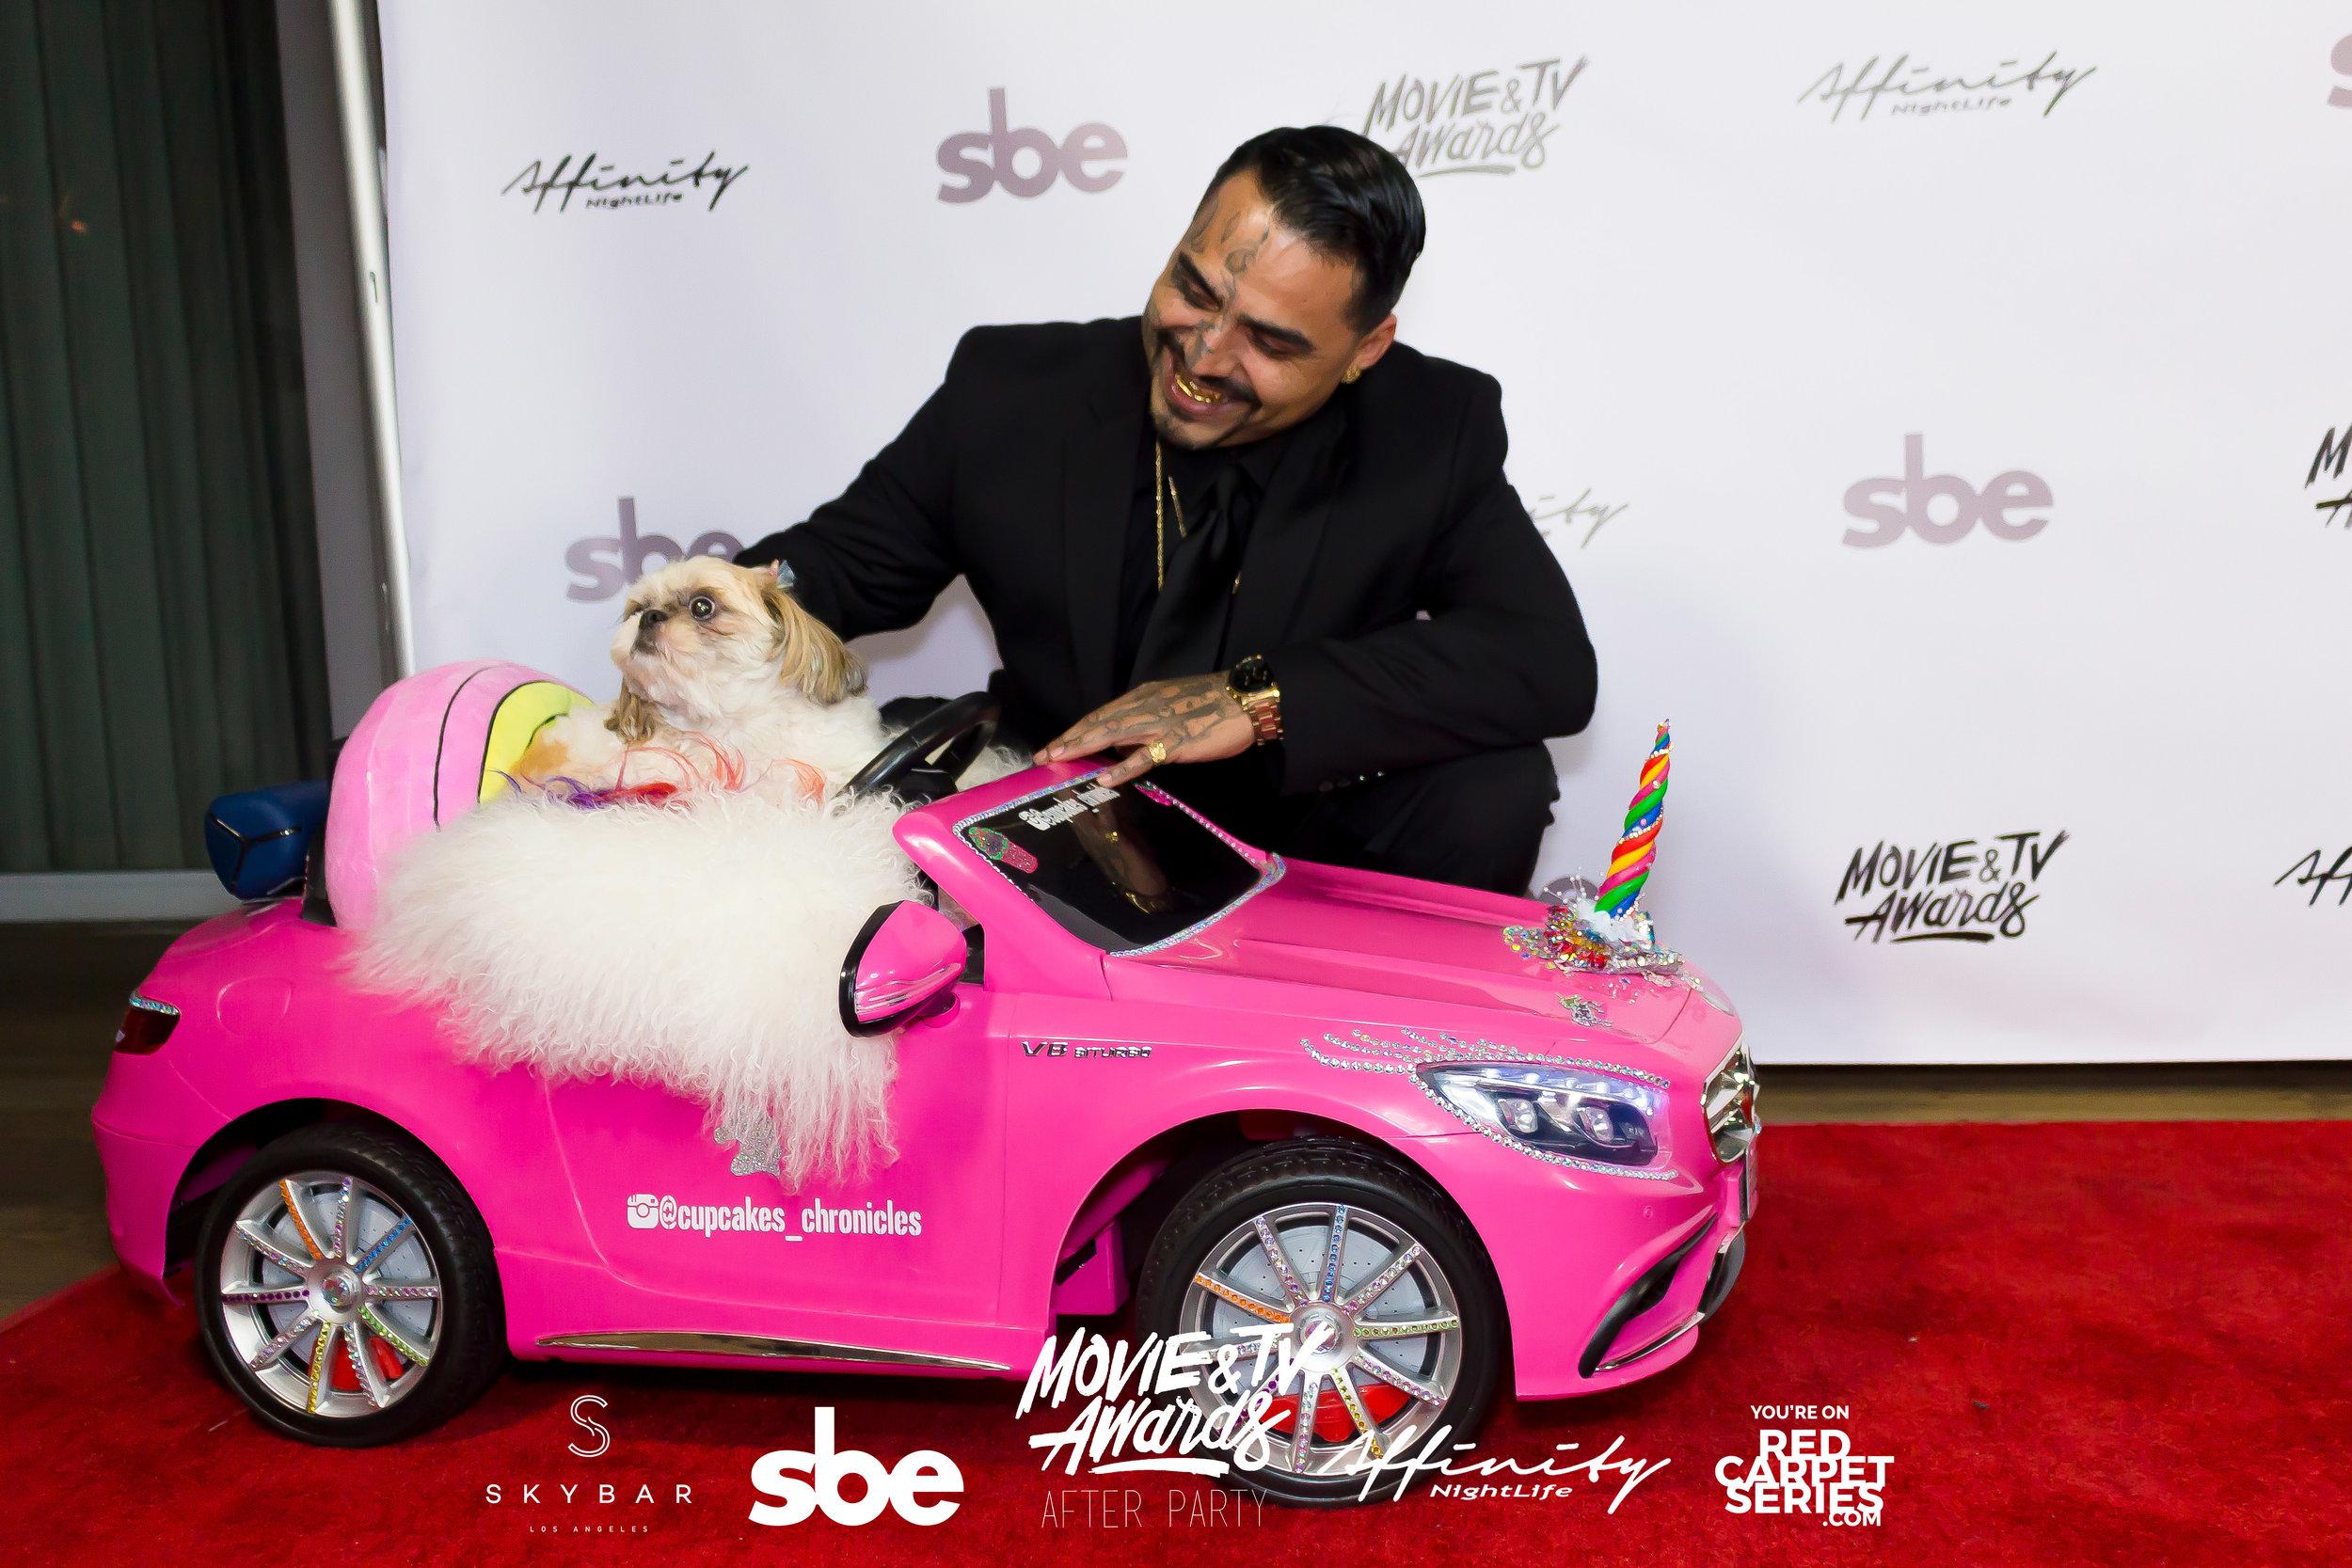 Affinity Nightlife MTV Movie & TV Awards After Party - Skybar at Mondrian - 06-15-19 - Vol. 2_120.jpg